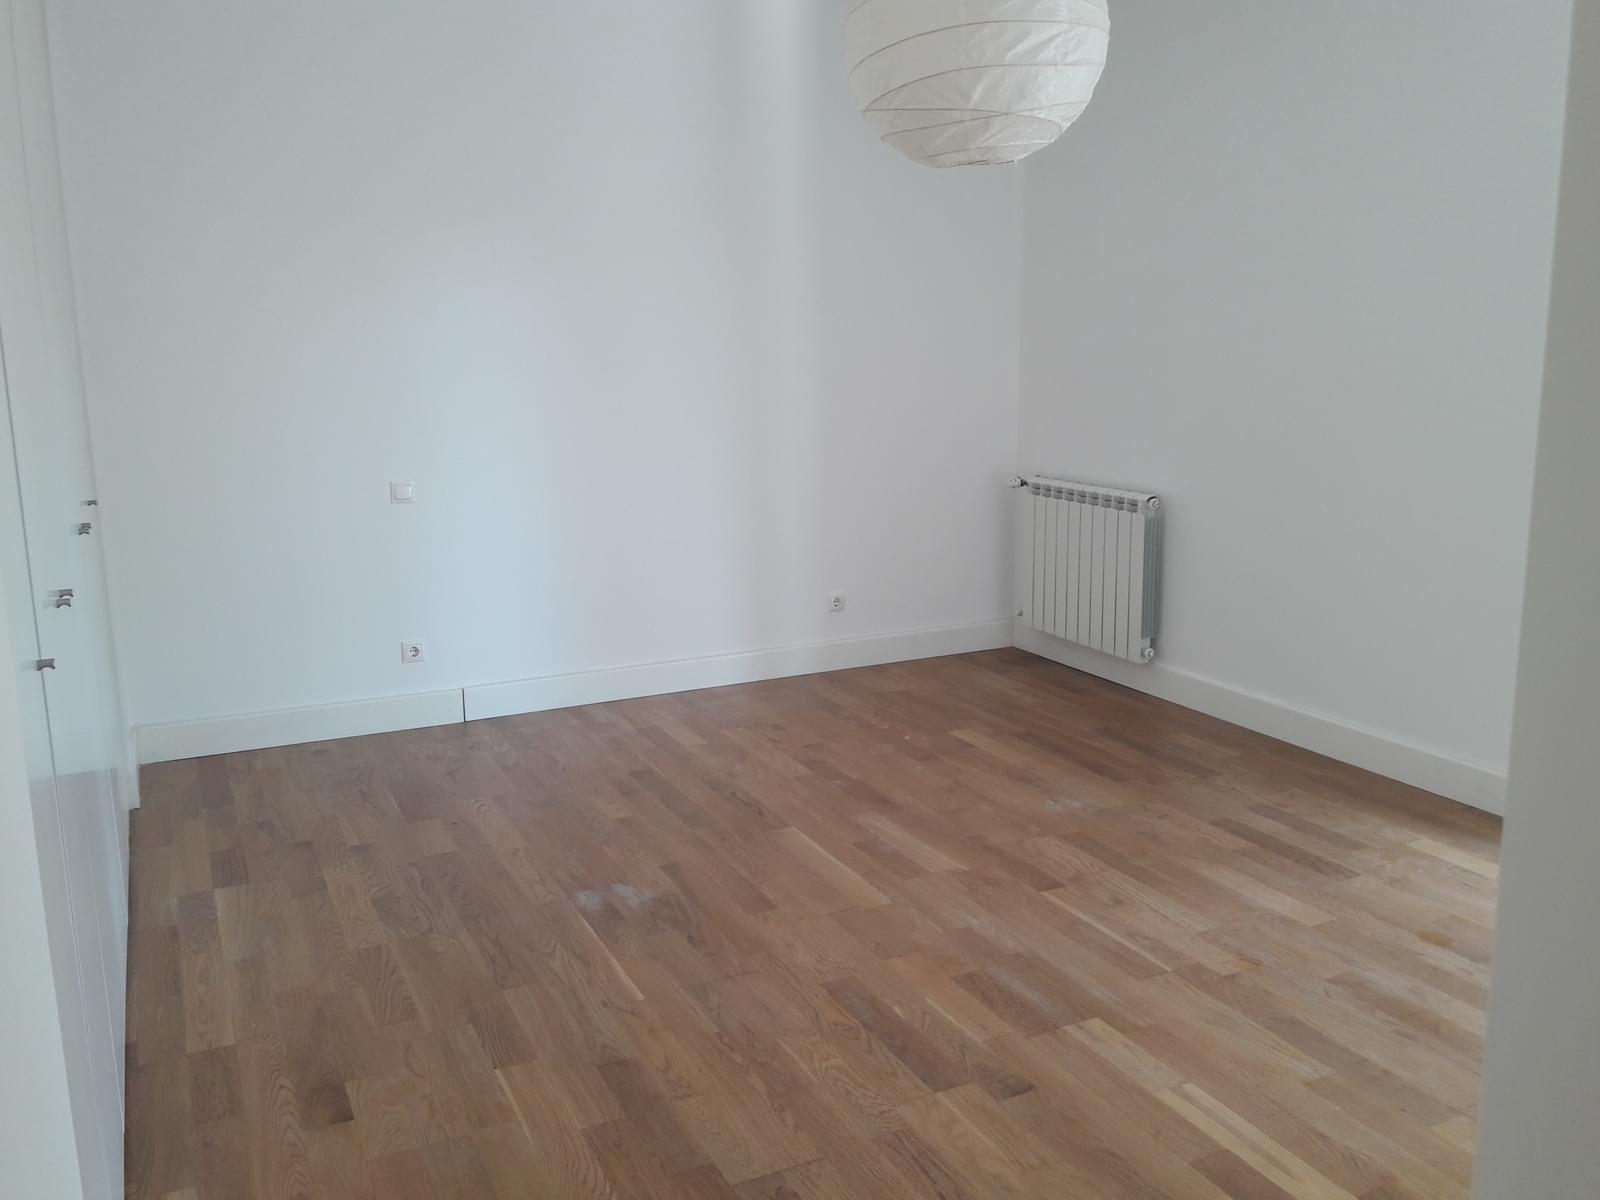 pf18057-apartamento-t3-sintra-e51bebf9-0ff9-4b6e-b6ef-7ee5d5ece606